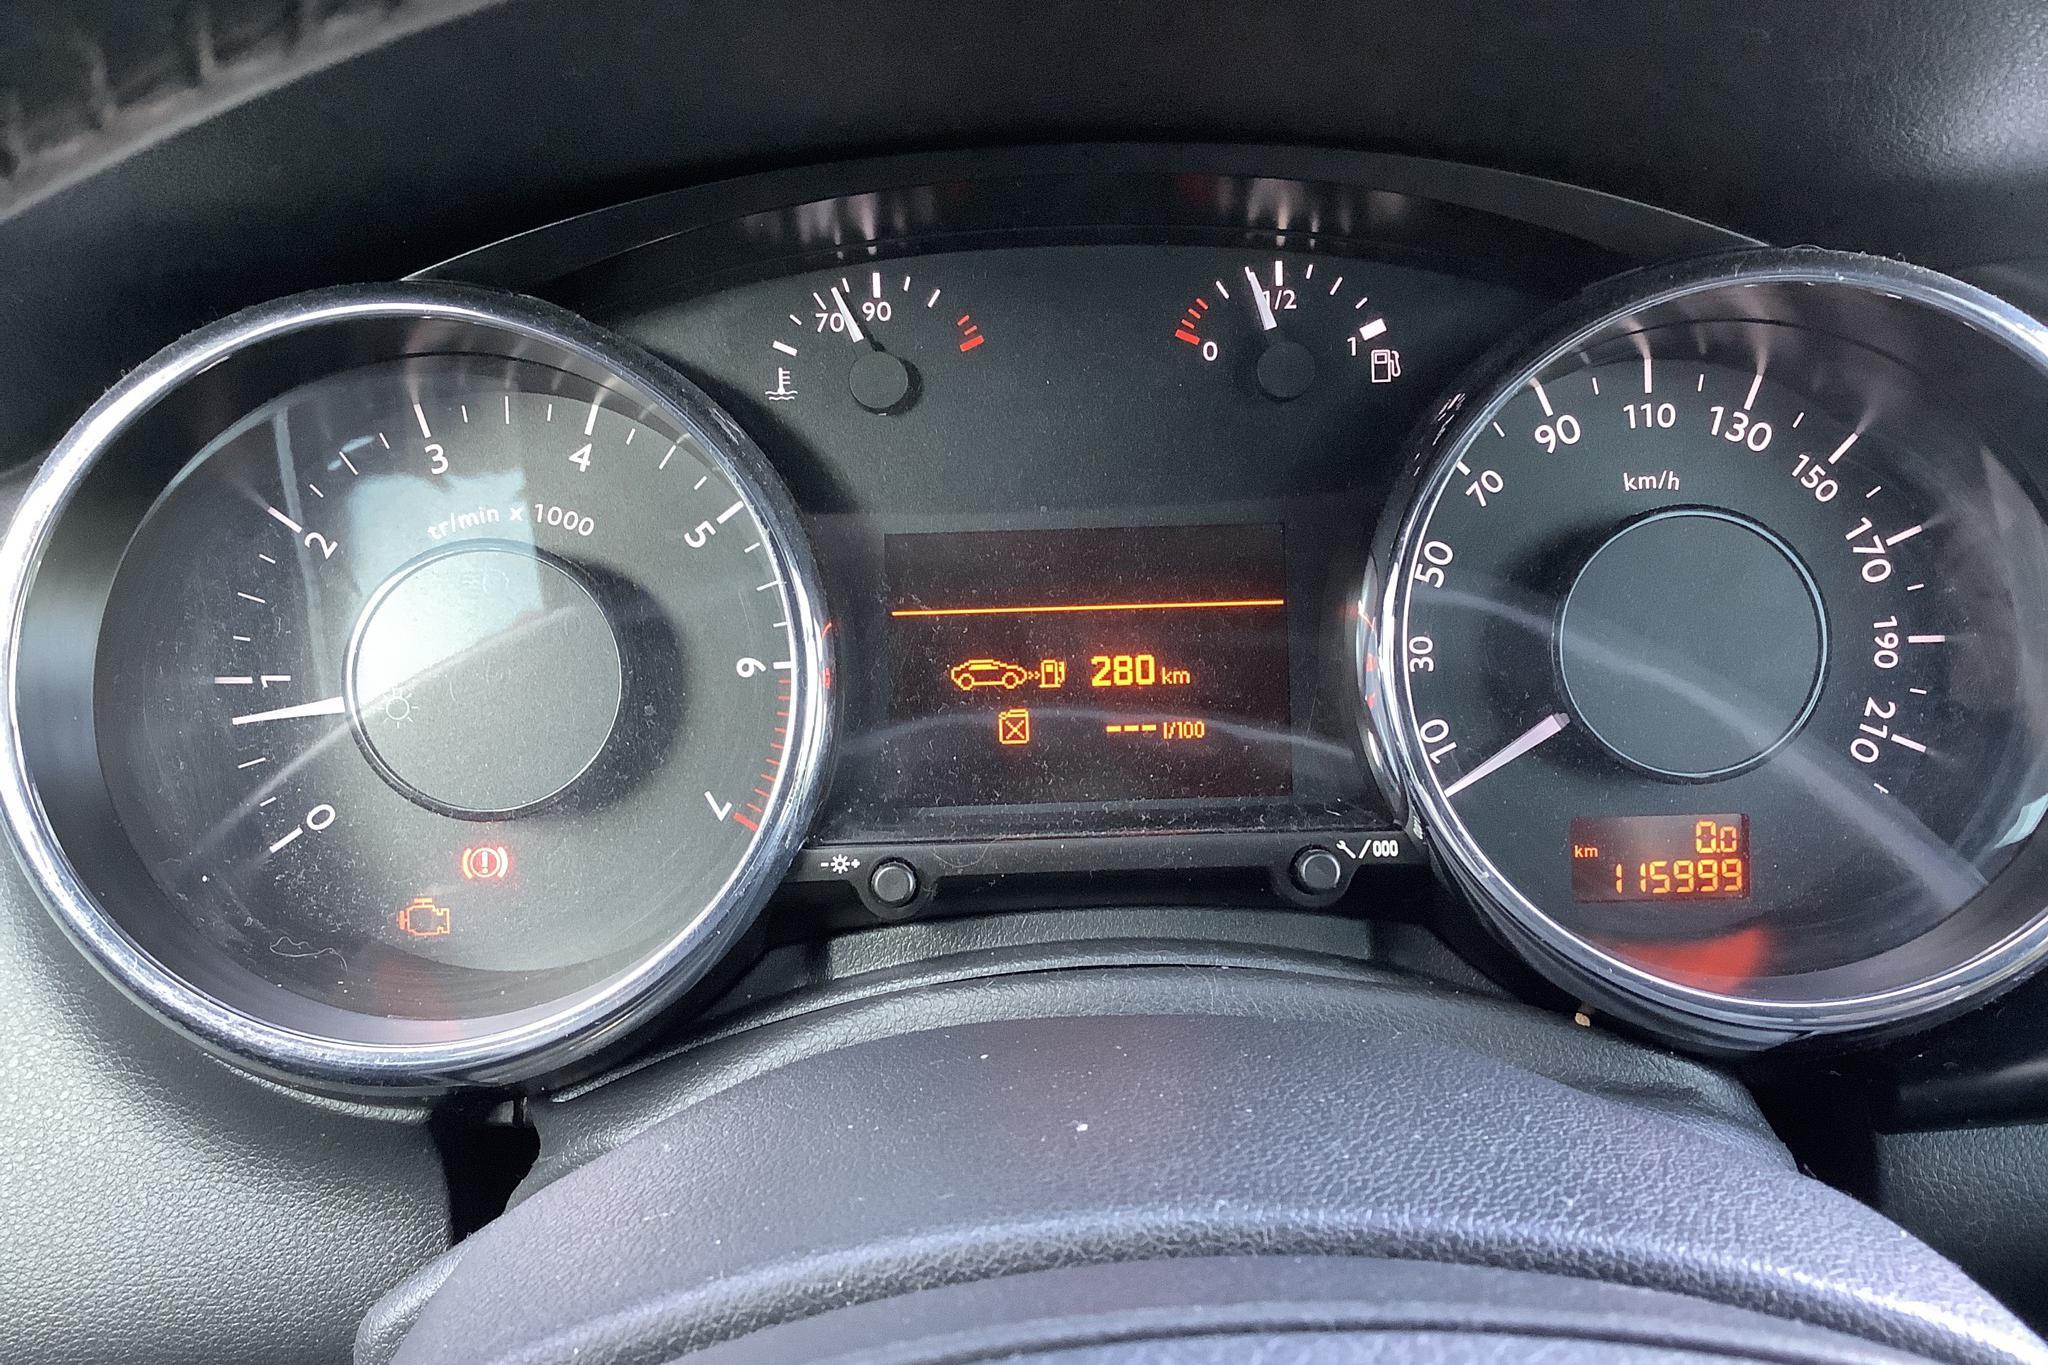 Peugeot 3008 1.6 Turbo (156hk) - 116 000 km - Manual - white - 2010